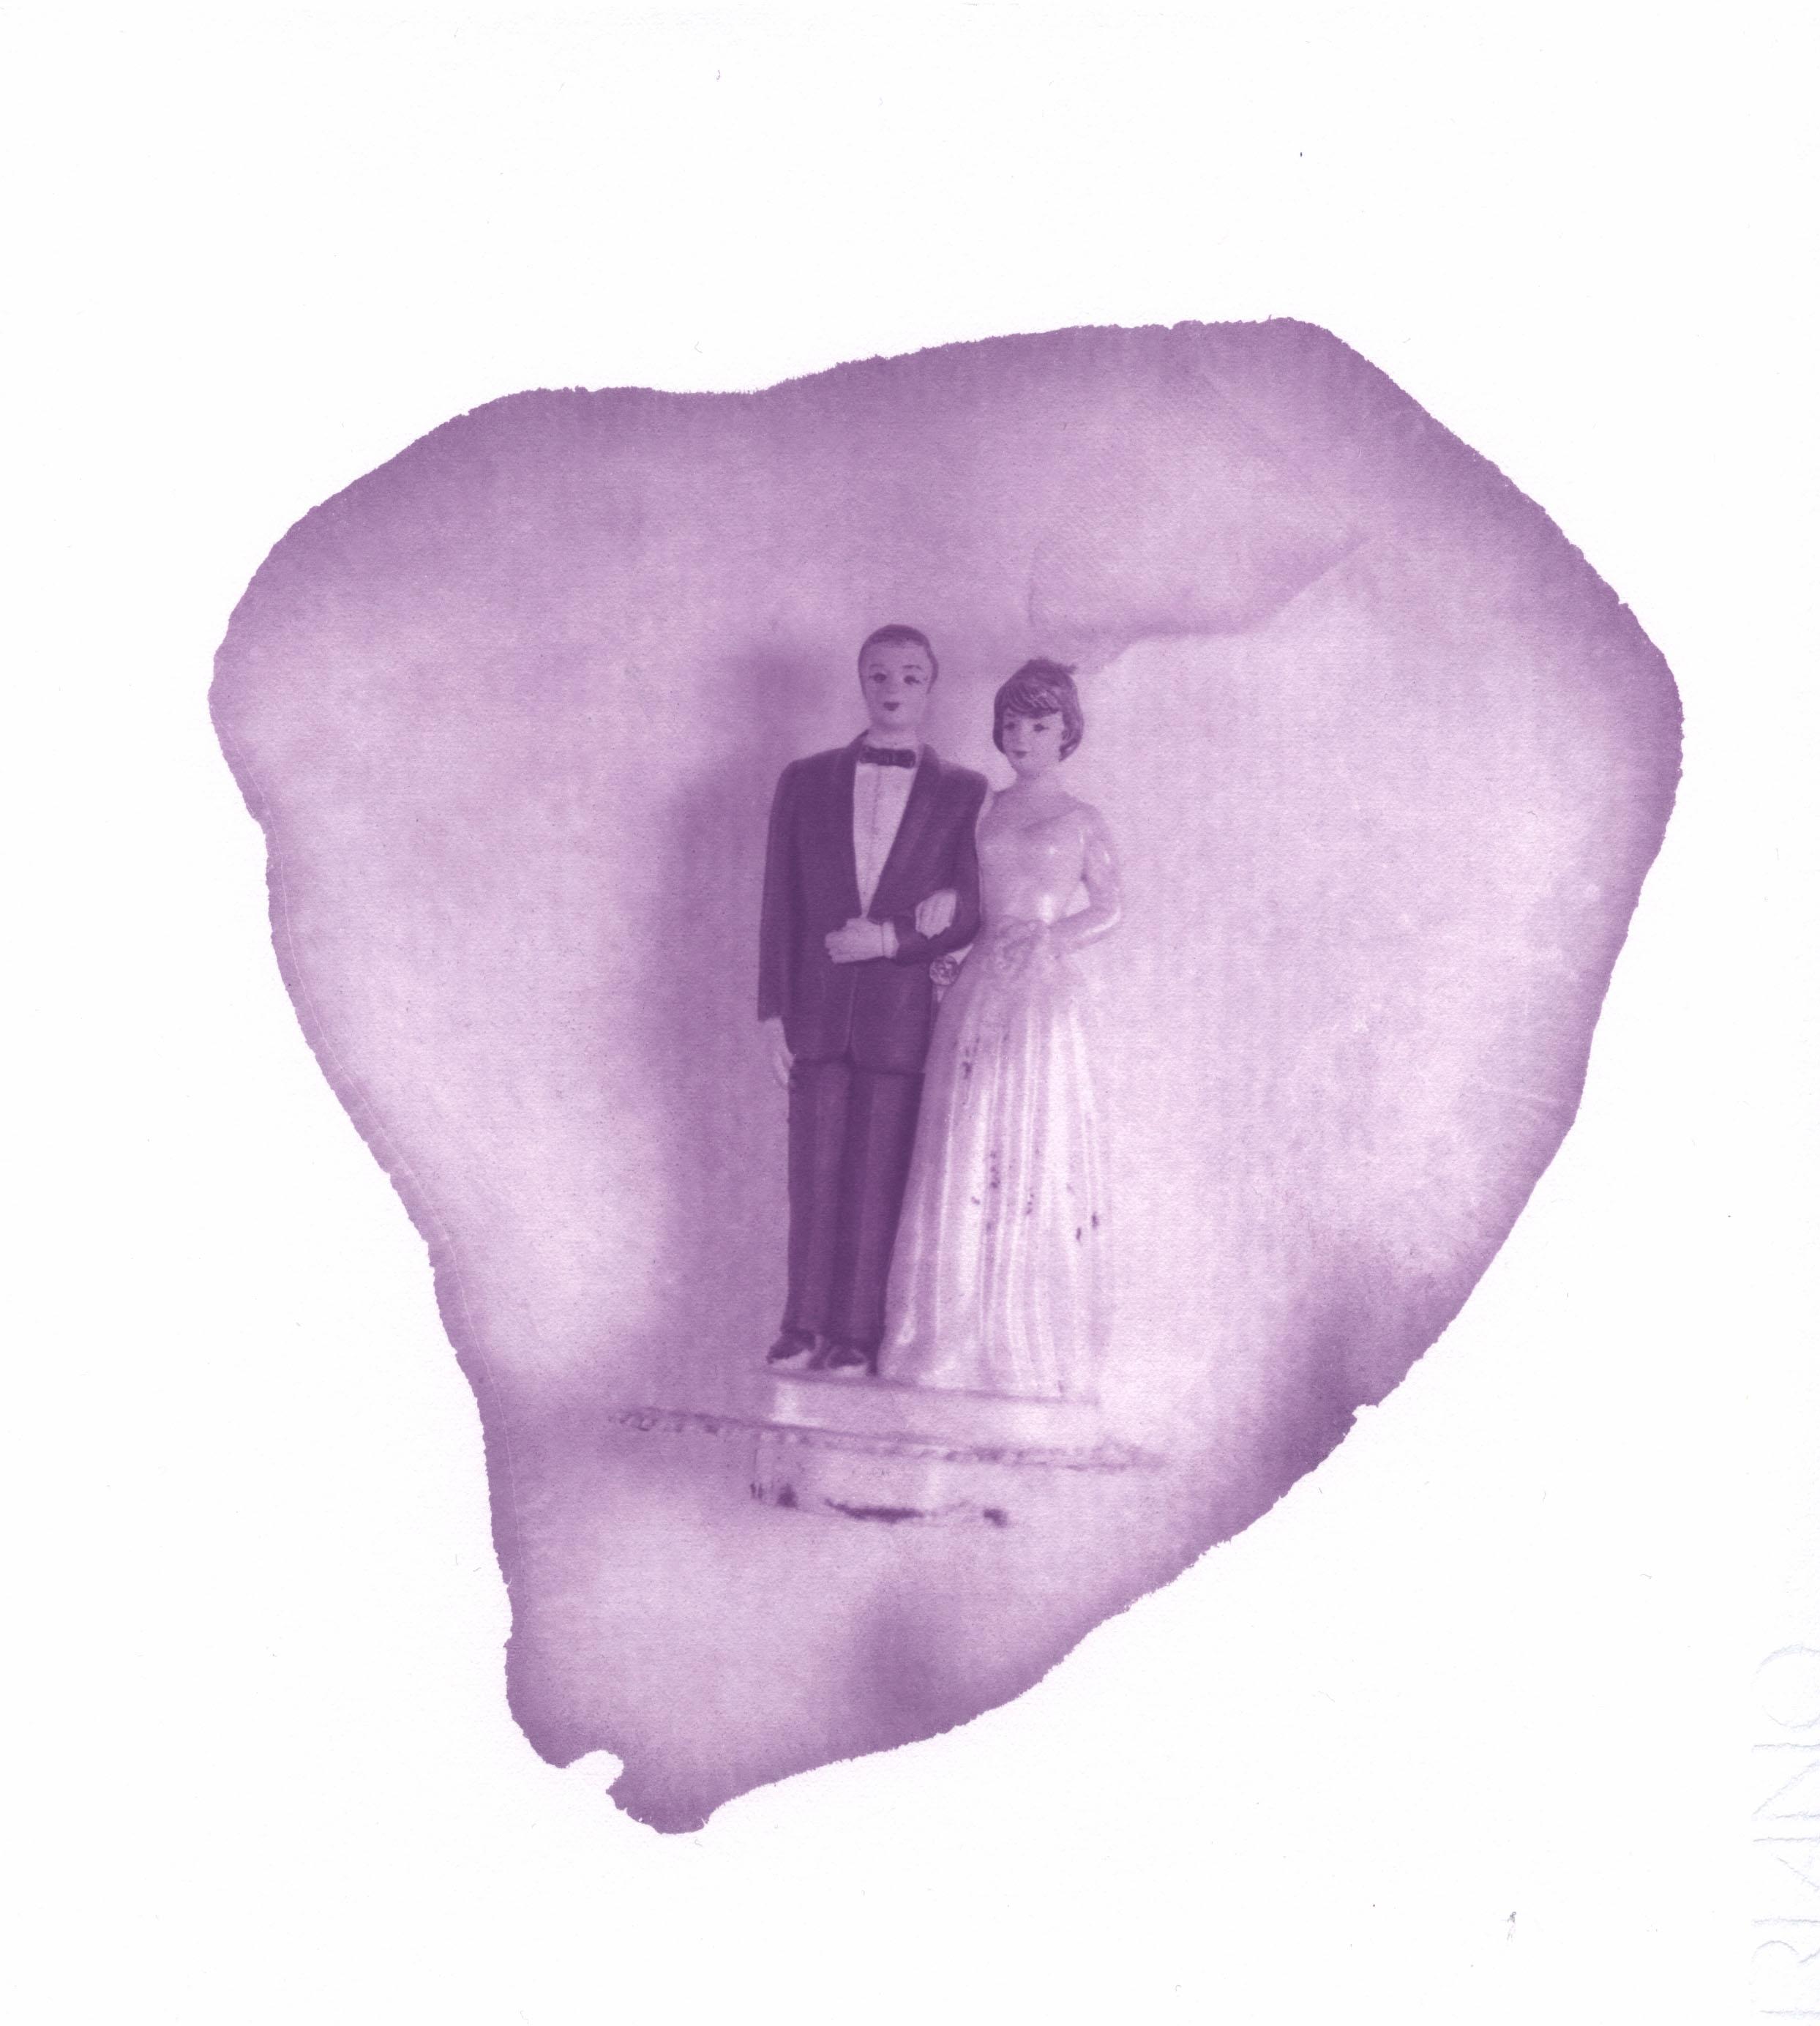 Les jeunes mariés Sallaumines novembre 2017